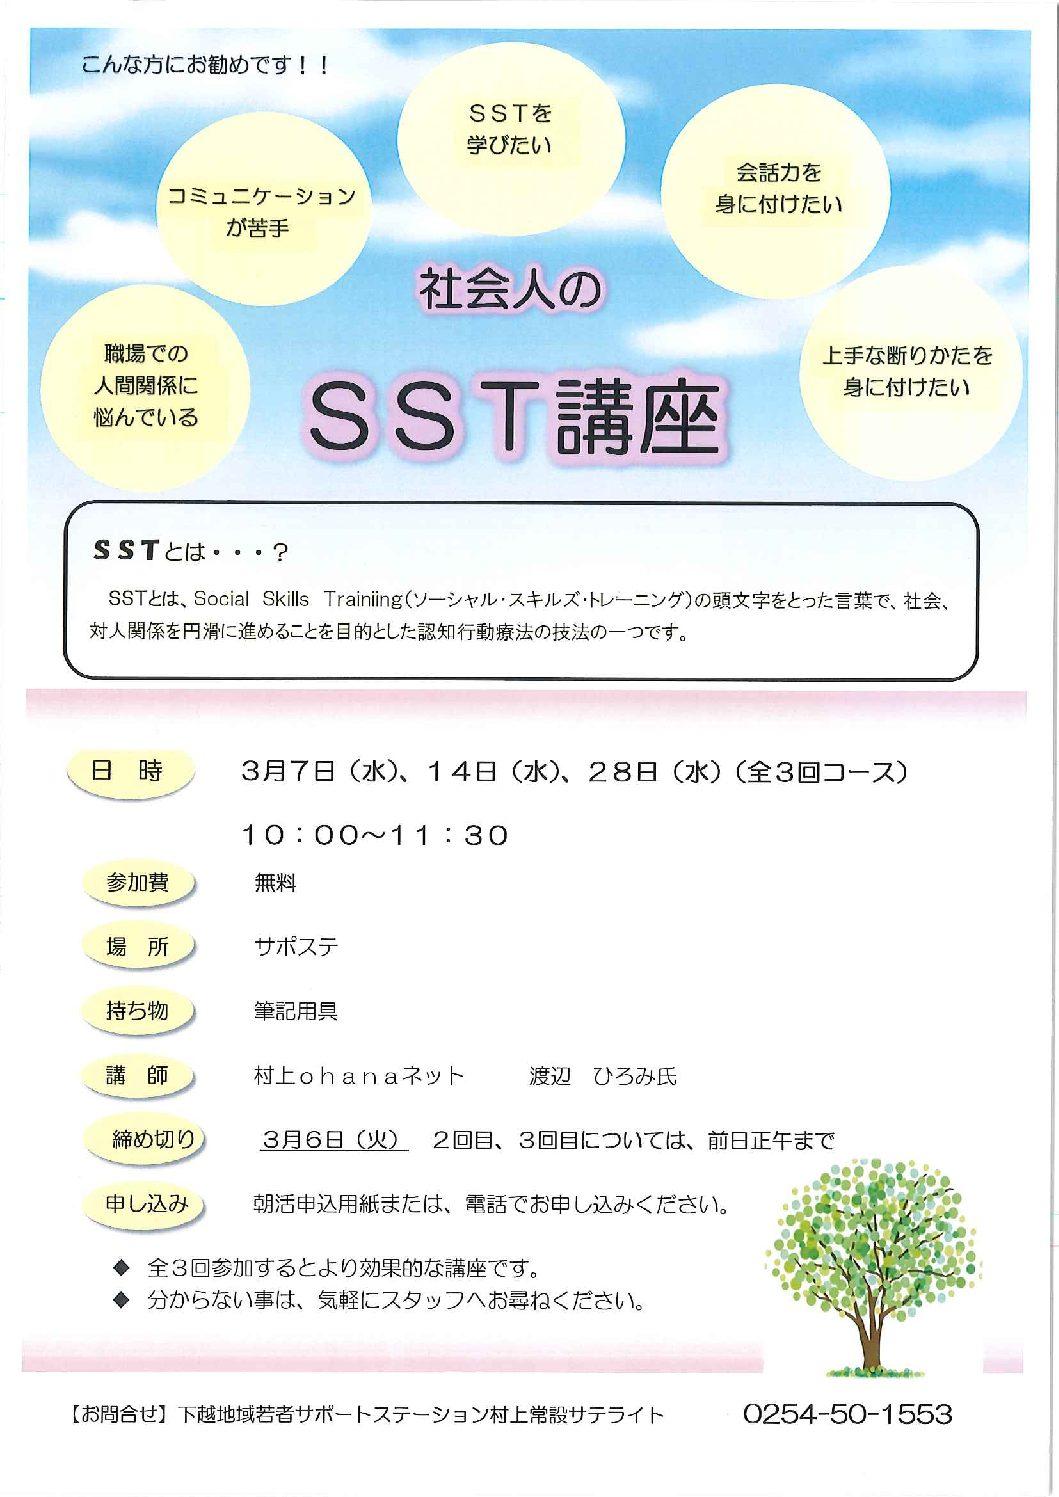 SST(ソーシャル・スキル・トレーニング ...